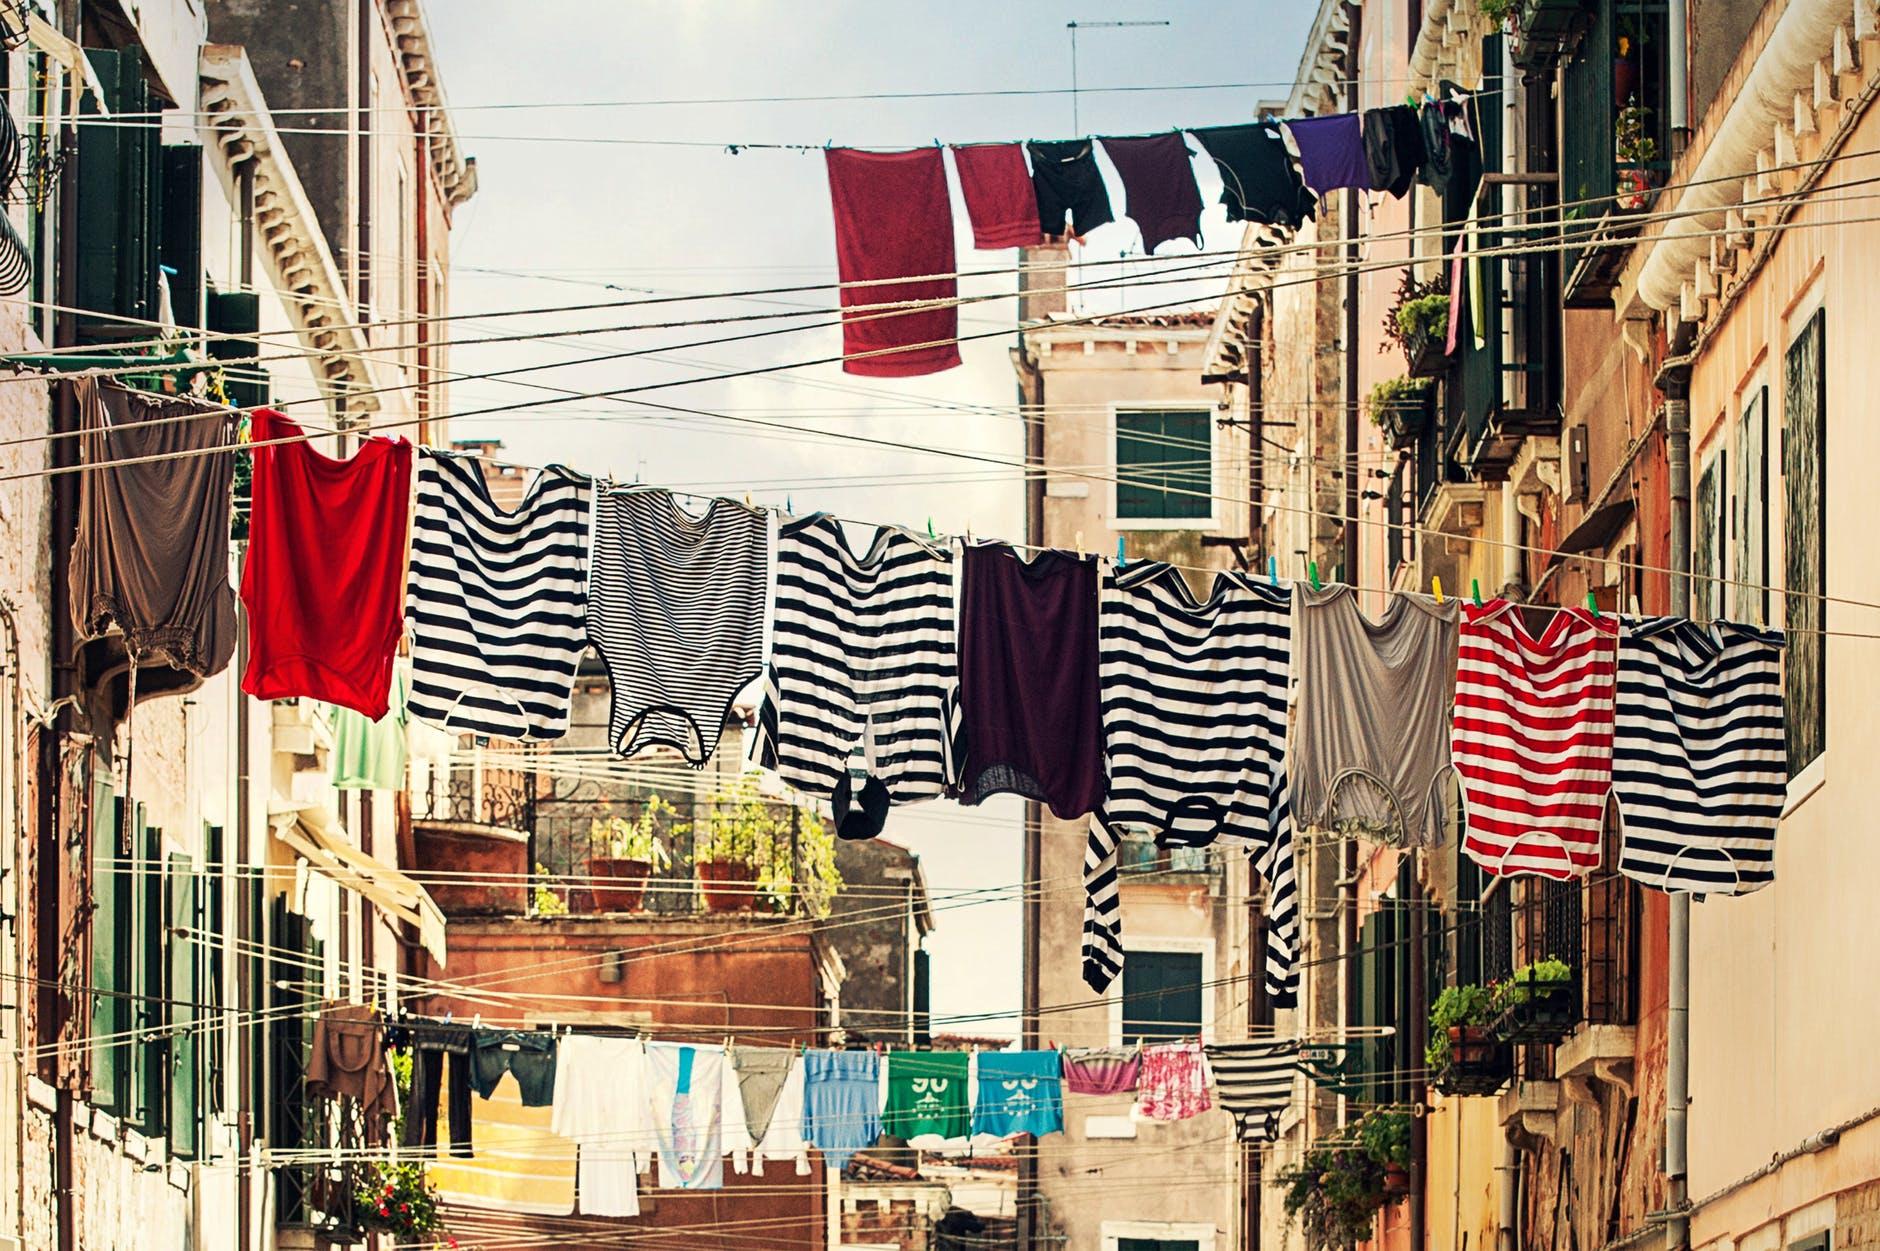 italy laundry washing venice